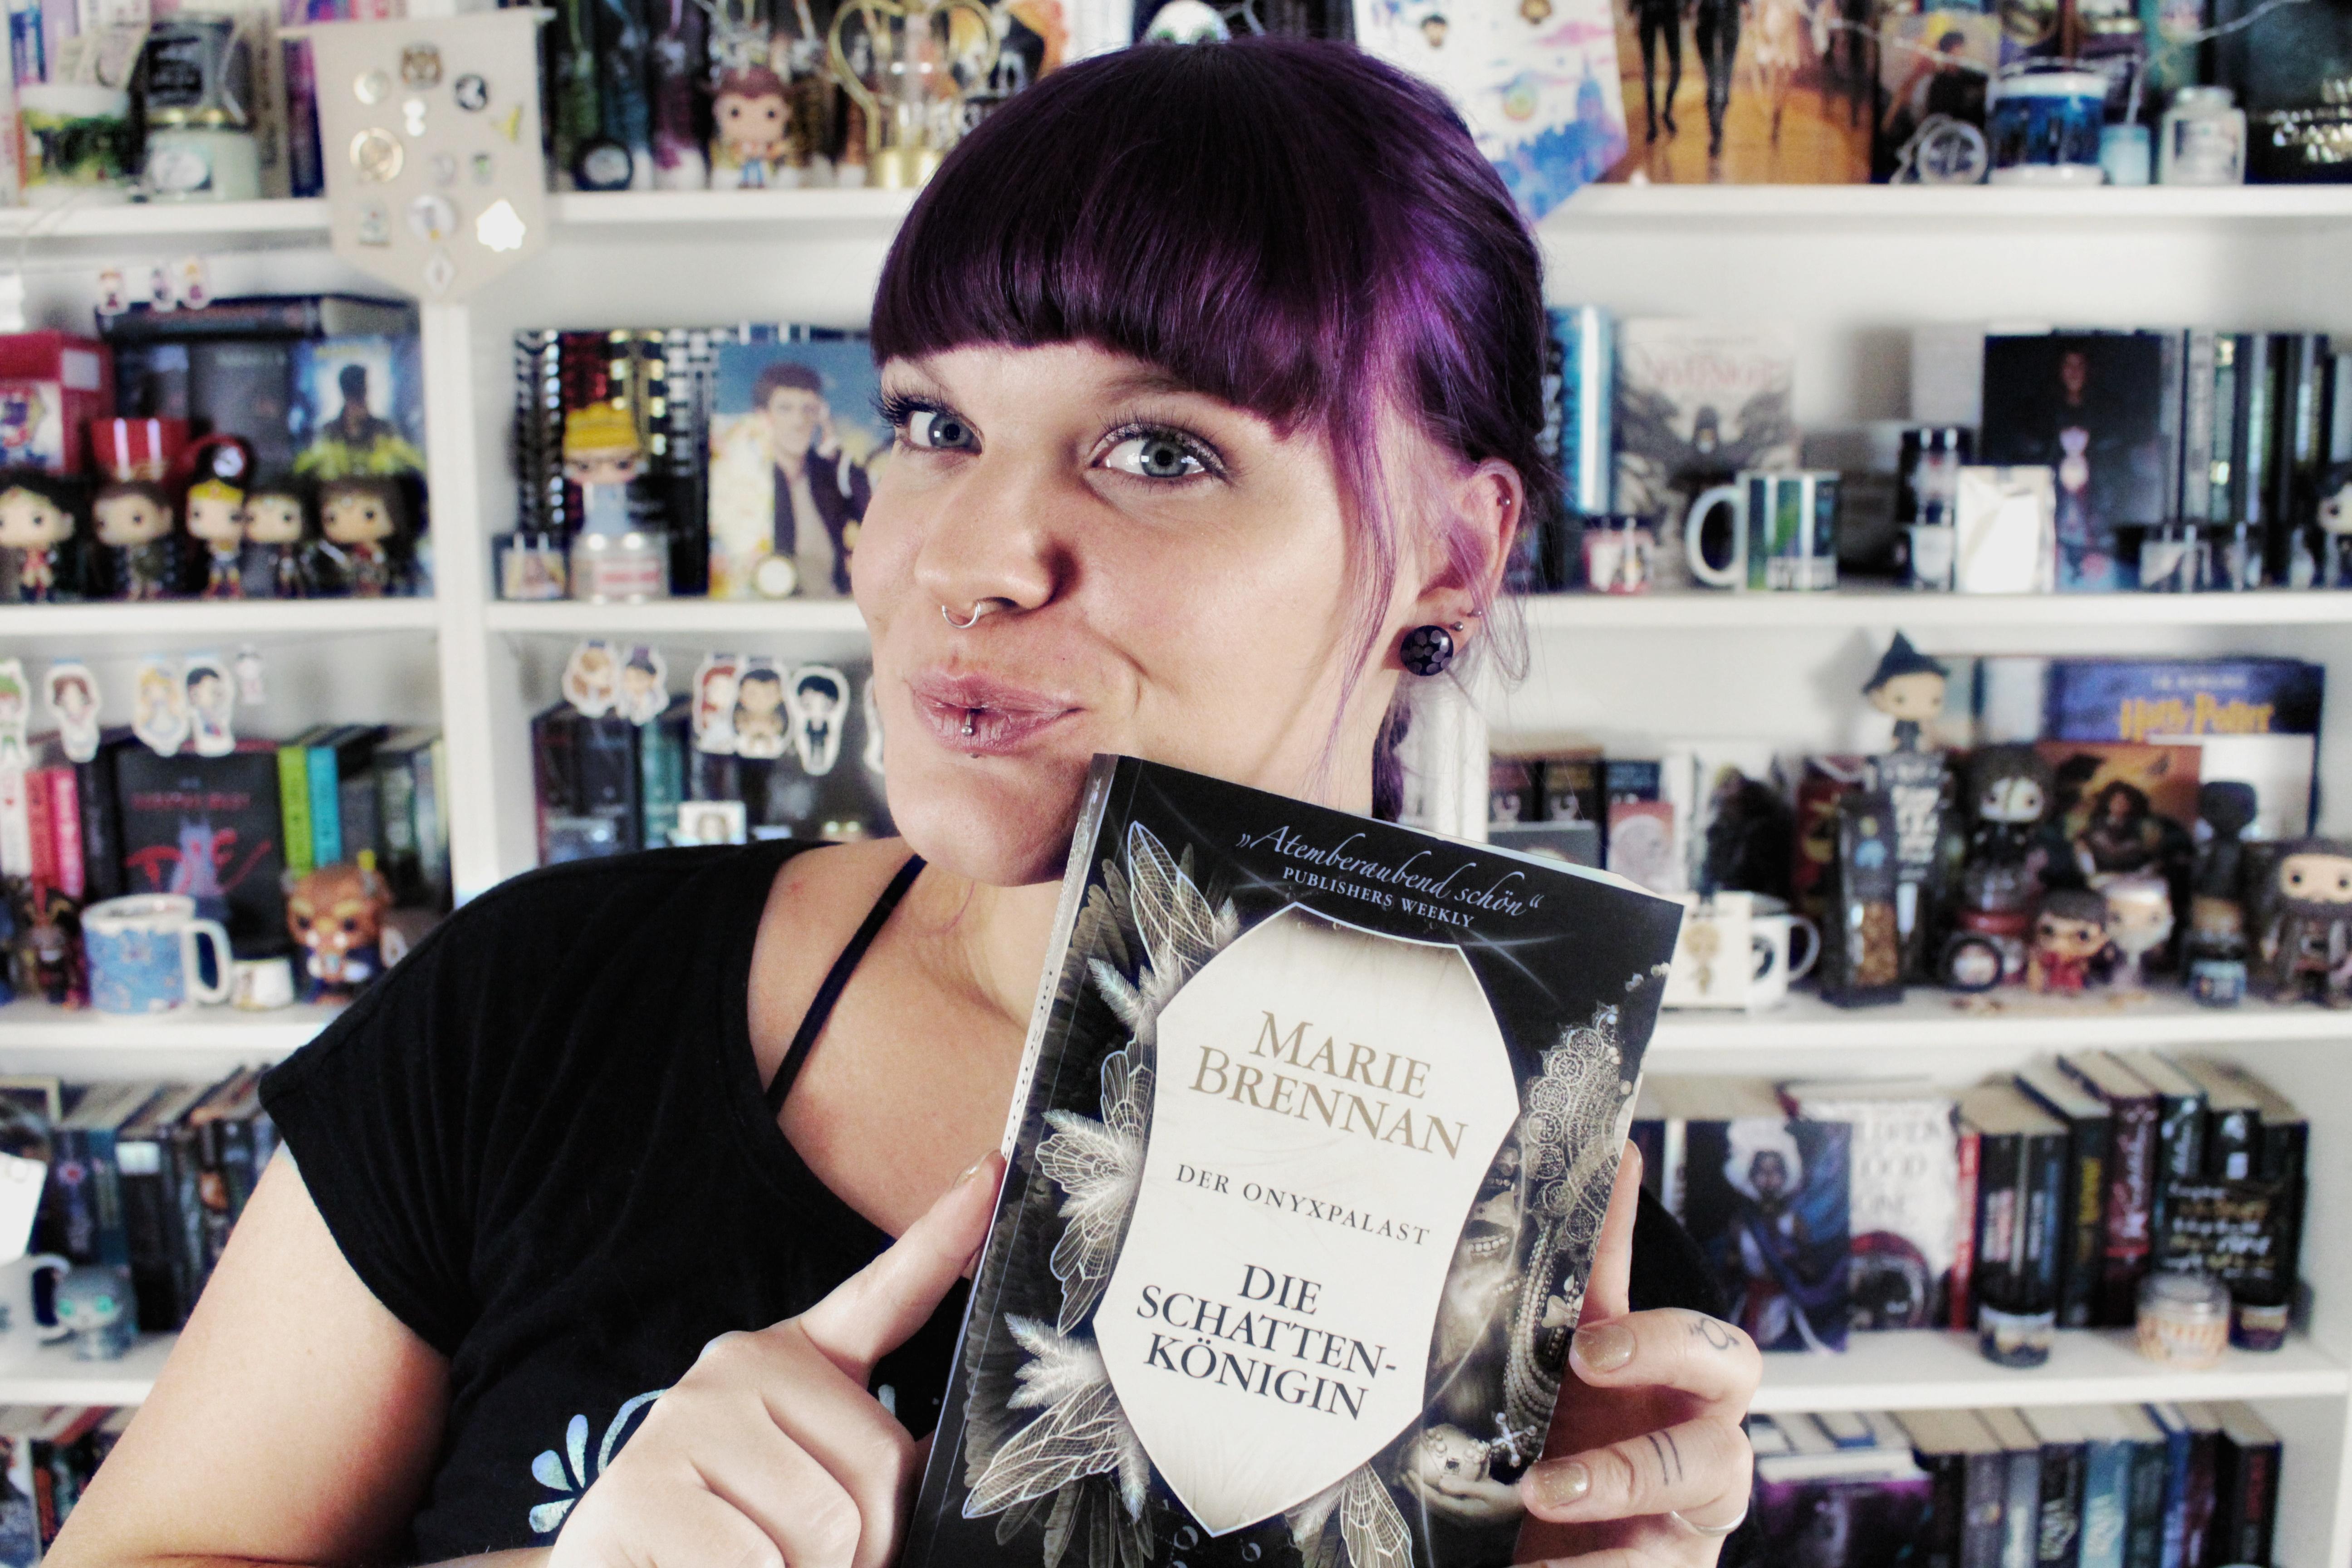 Rezension | Der Onyxpalast – Die Schattenkönigin von Marie Brennan